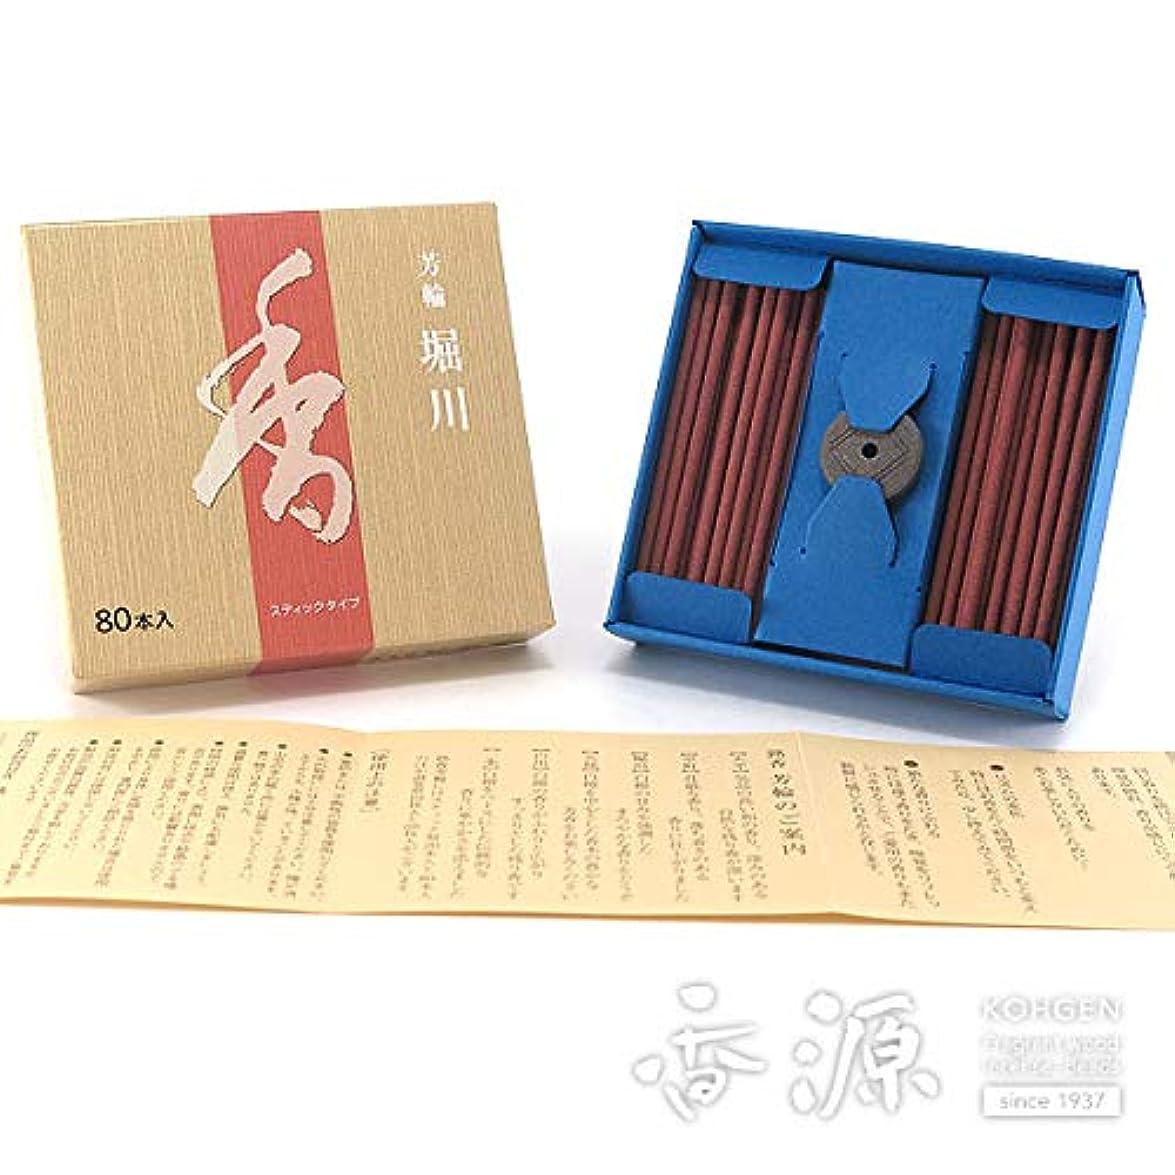 印をつける圧縮されたブラザー松栄堂のお香 芳輪堀川 ST徳用80本入 簡易香立付 #210224